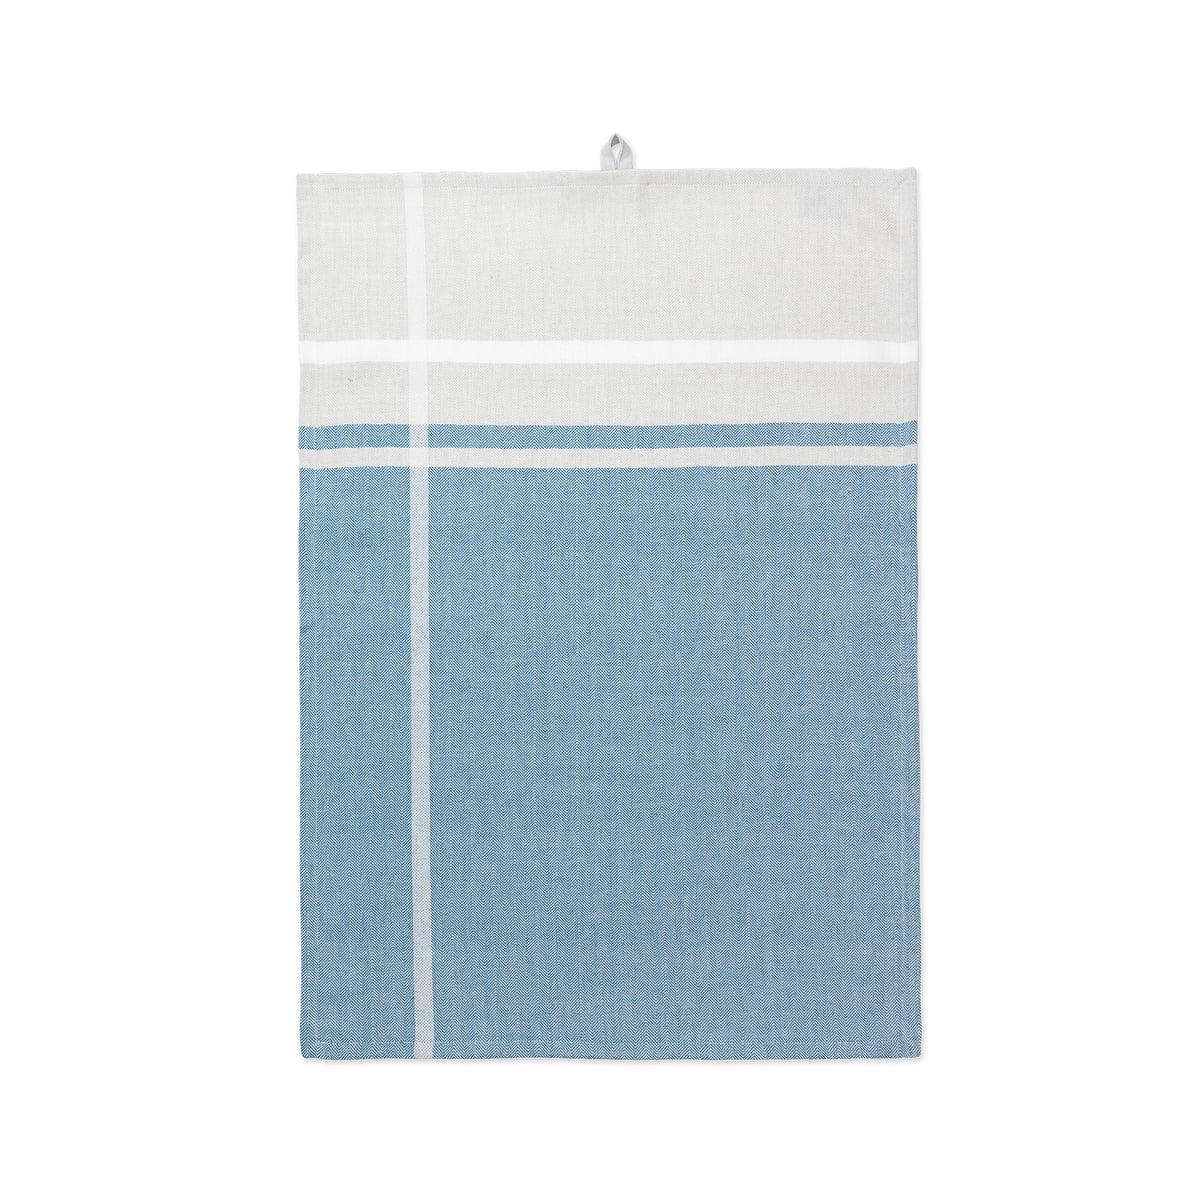 Juna - Skyline Geschirrtuch, 50 x 70 cm, petroleum / sand | Küche und Esszimmer > Küchentextilien | Mehrfarbig | Juna